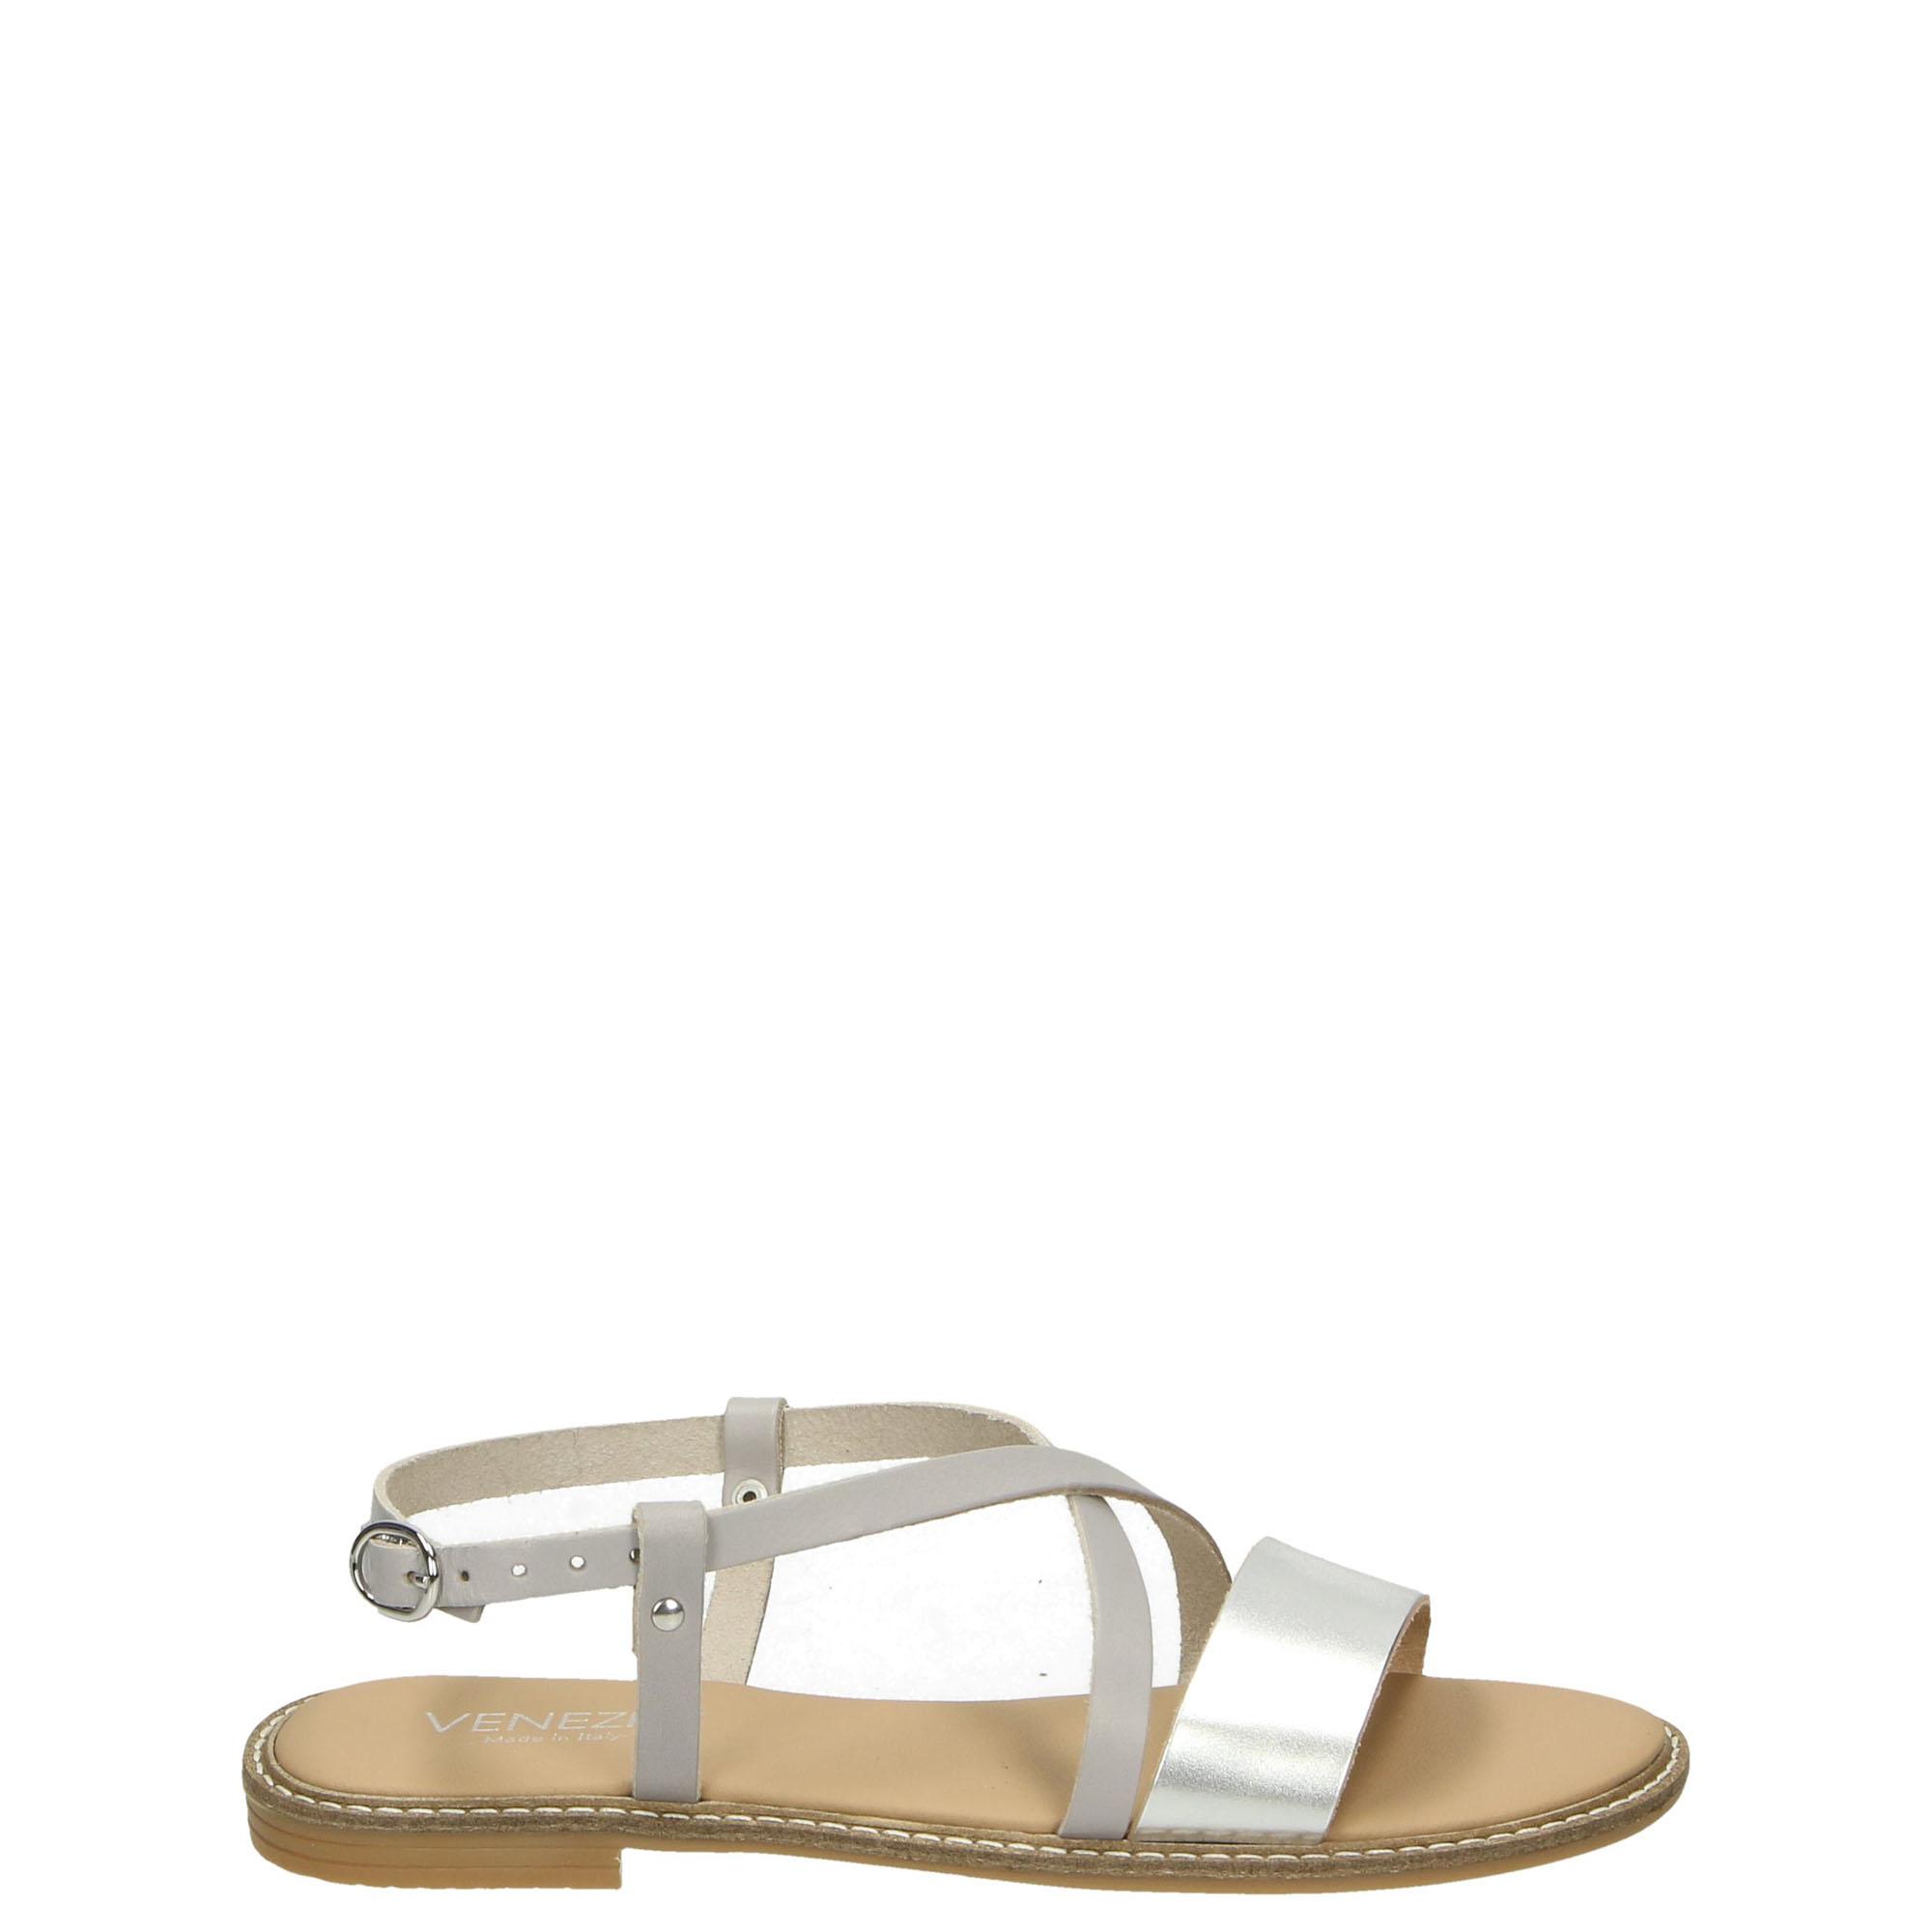 36868768454c19 sandały venezia sandały z metalicznym paskiem - 10479 pel clo - venezia